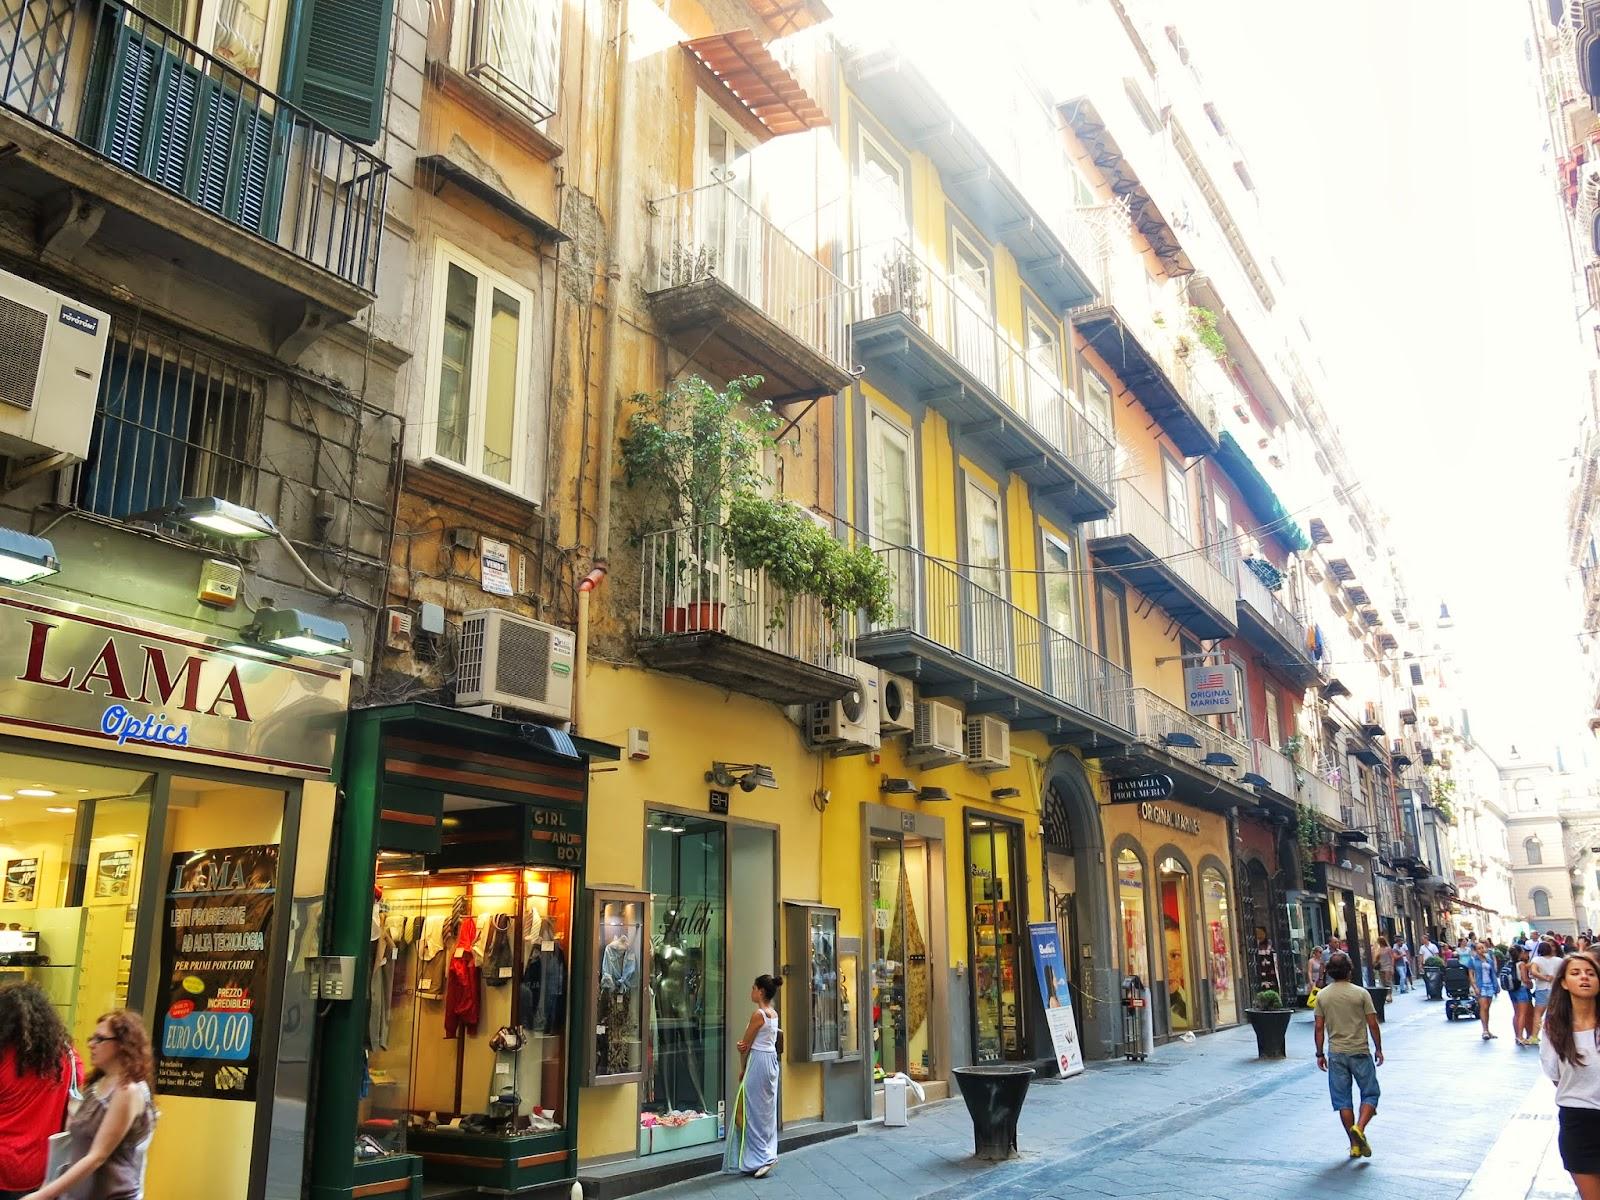 Neapel i Italien